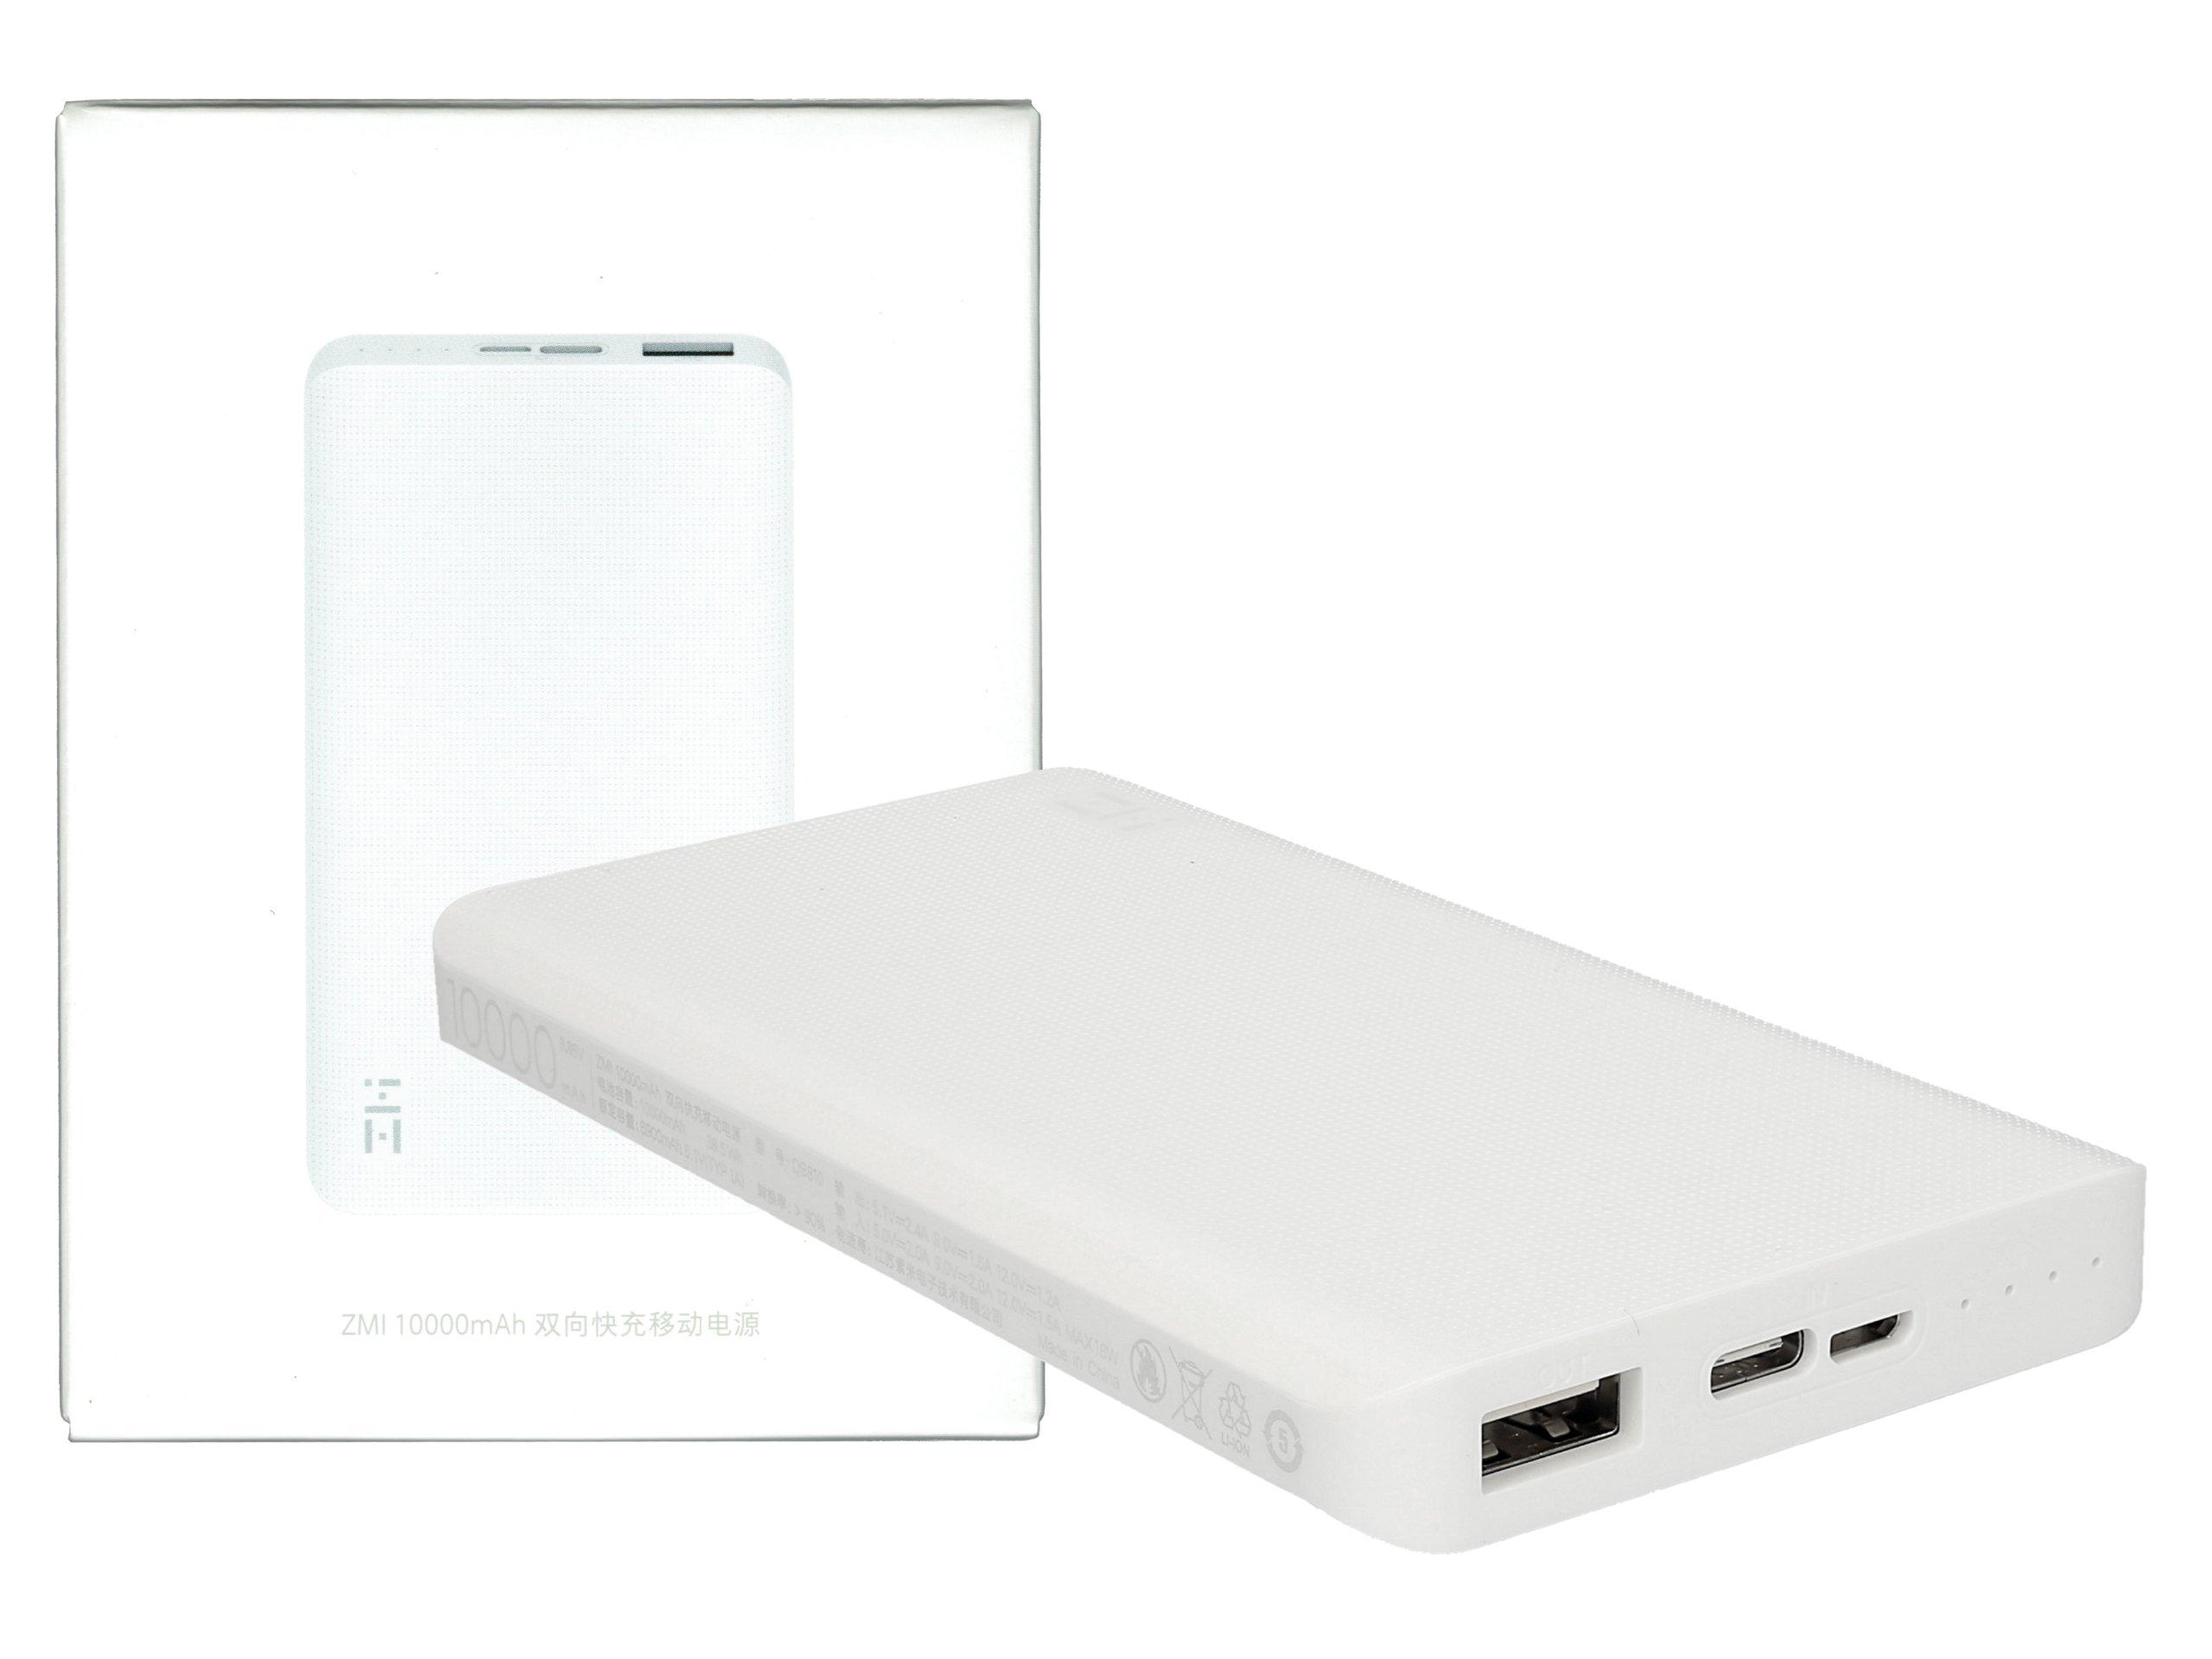 Oryginalny Power bank Xiaomi ZMI mAh